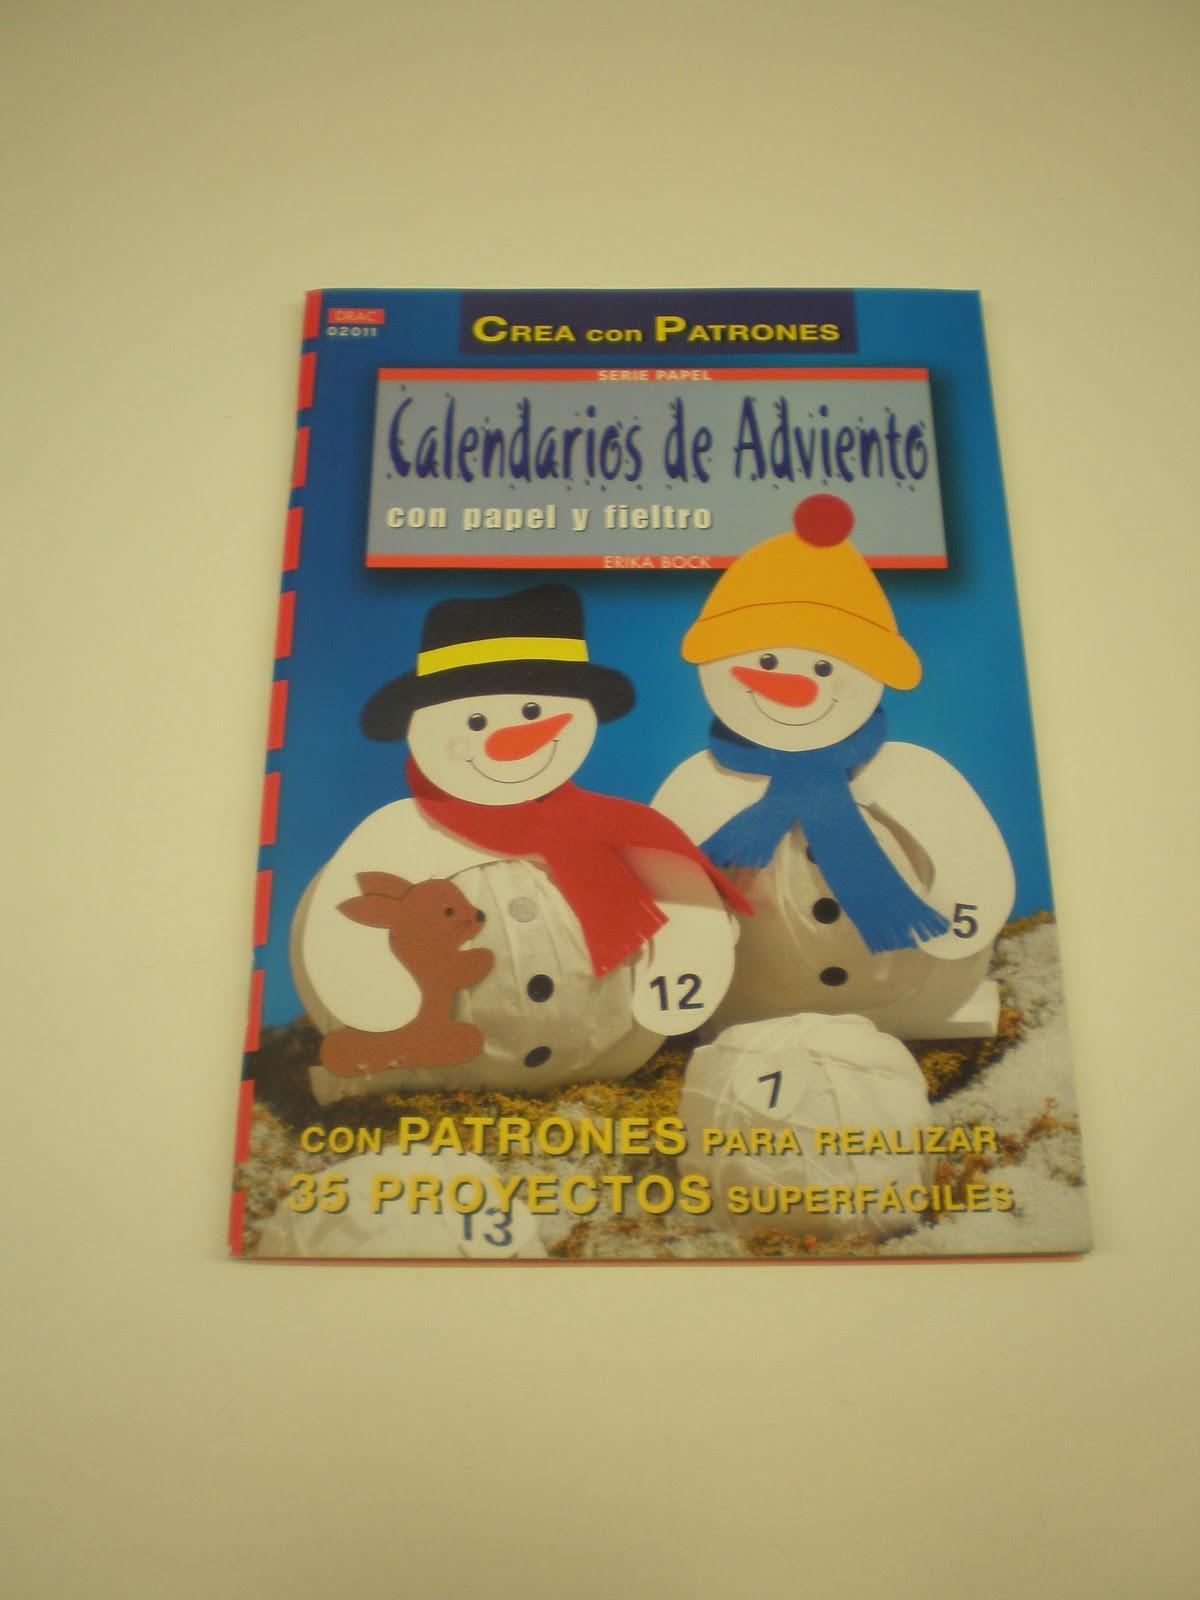 Merceria julant decoracion para navidad - Disenar tarjetas de navidad ...